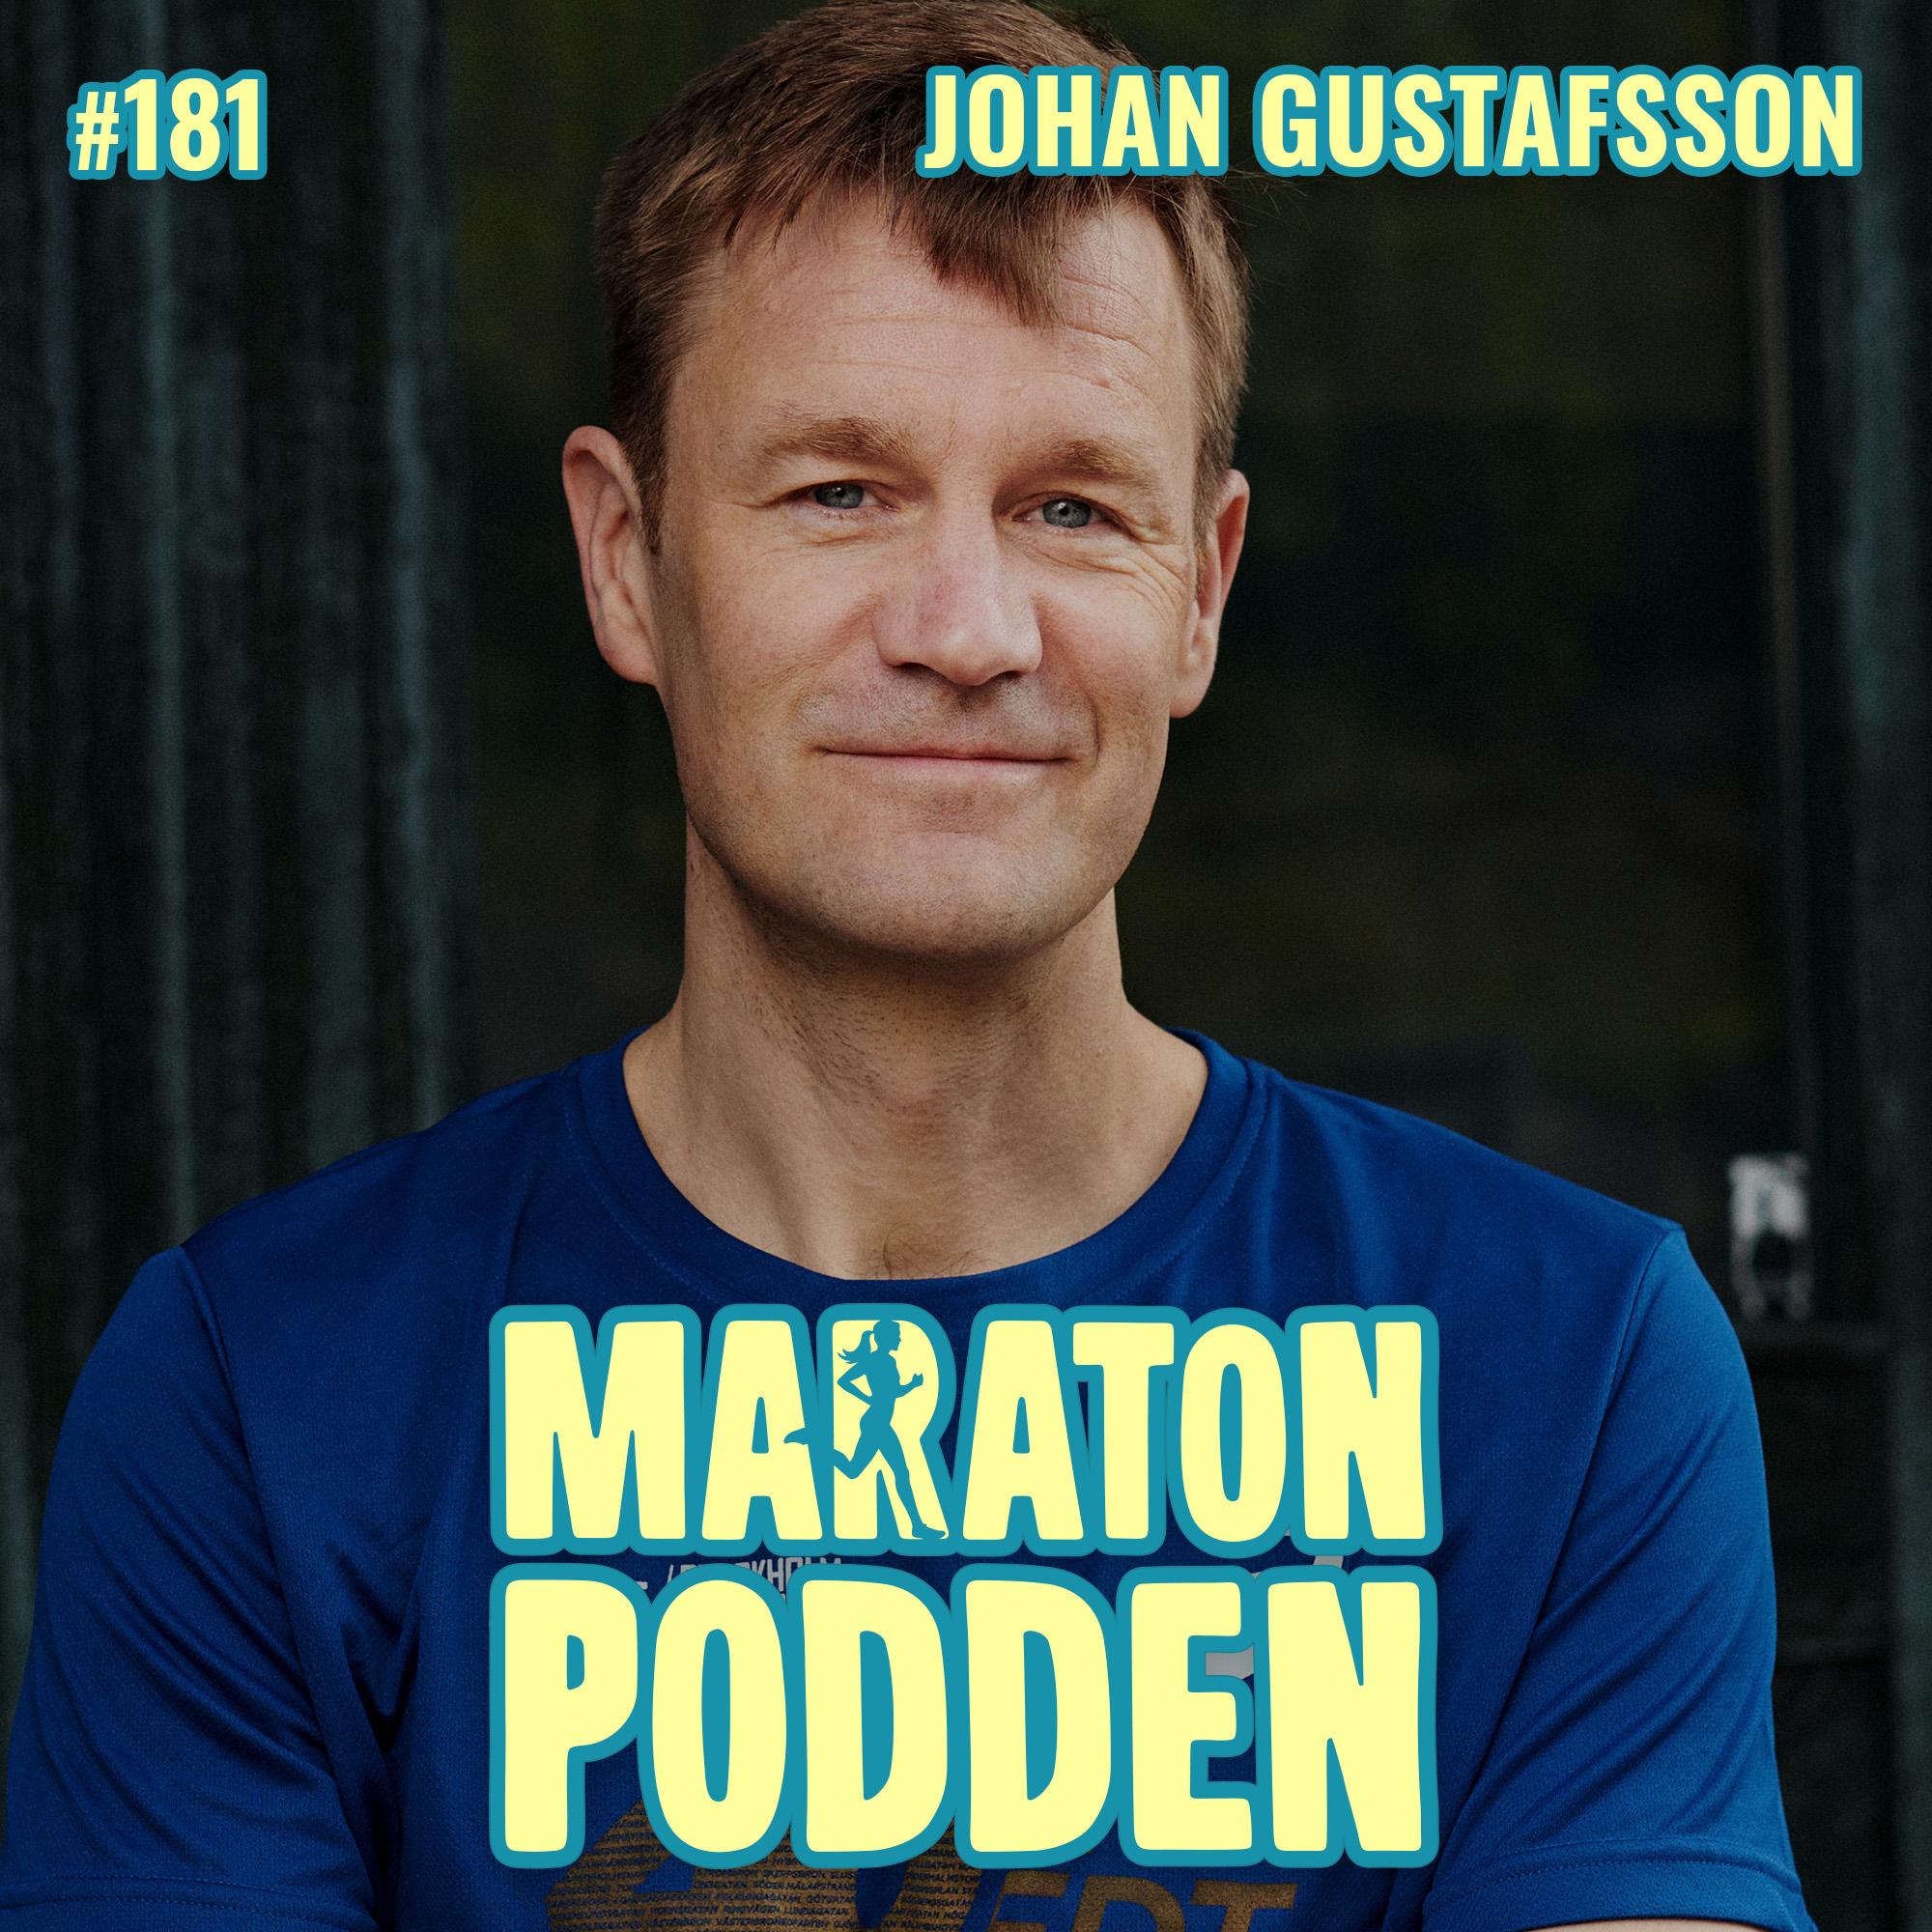 #181: Malisvensken Johan Gustafsson, träningen blev livlinan under fångenskapen